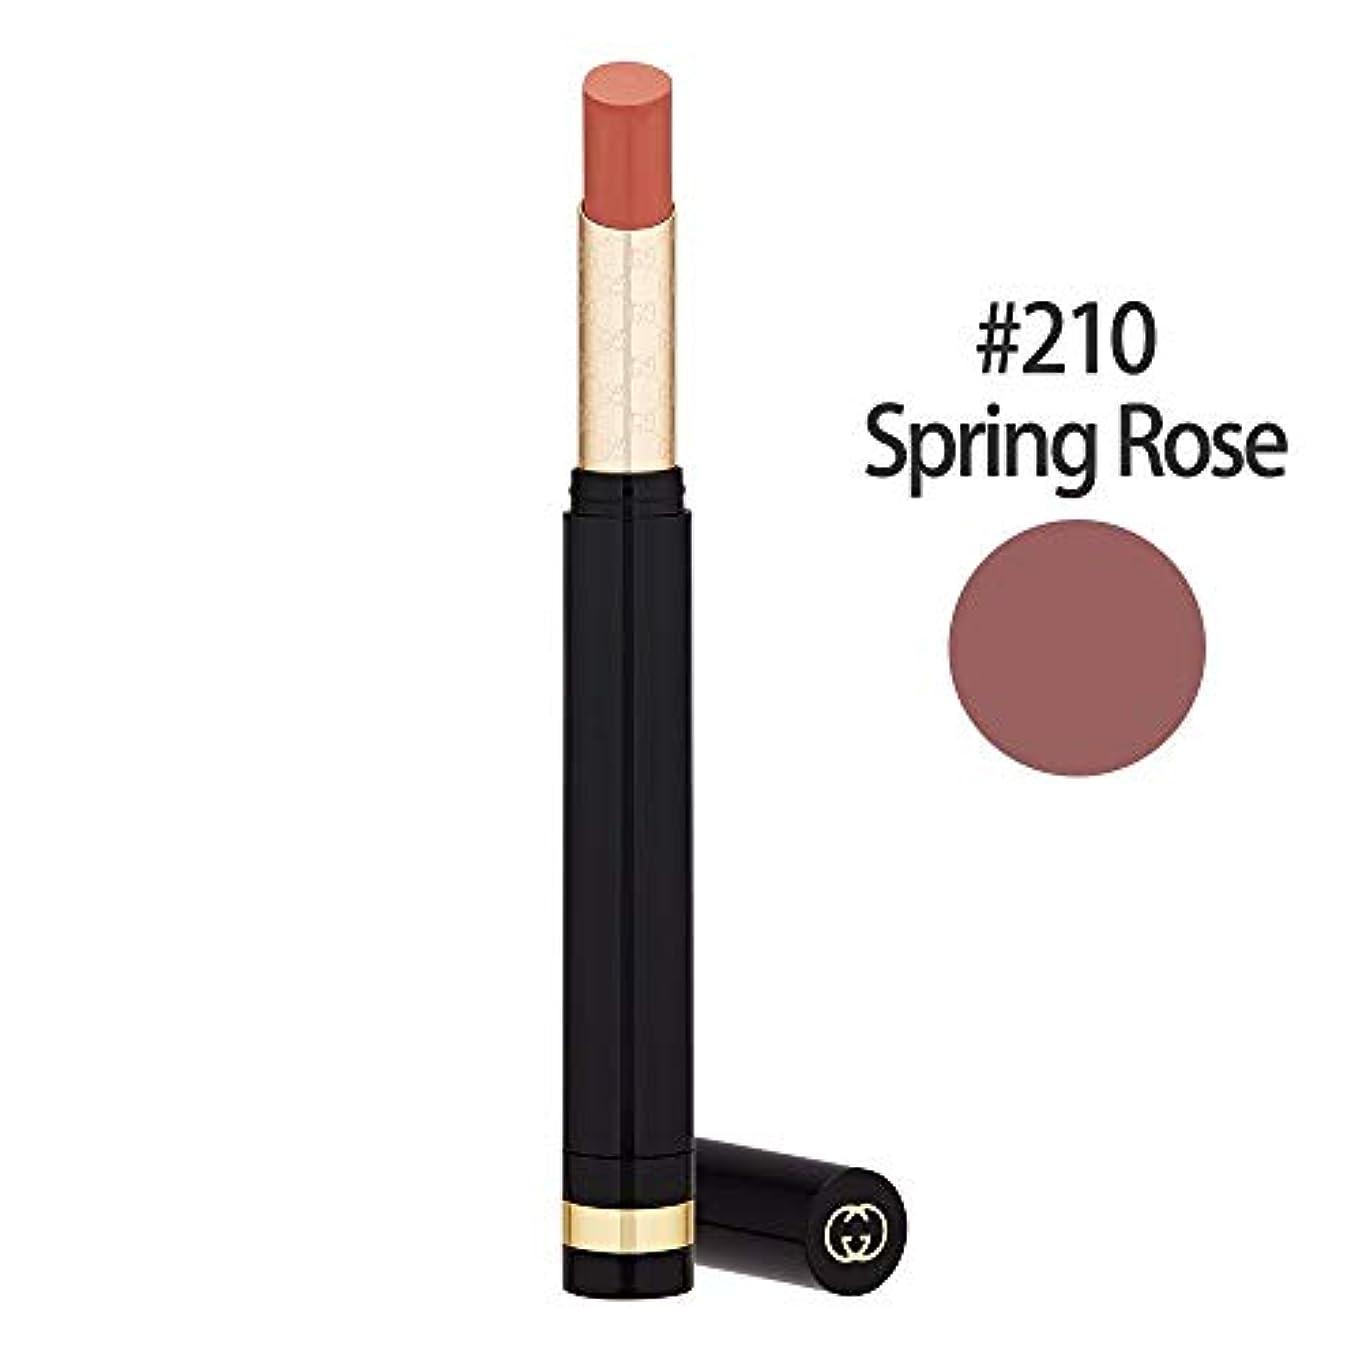 安息最も人工グッチ(GUCCI) センシュアスディープマット リップスティック #210(Spring Rose) 1.5g [並行輸入品]